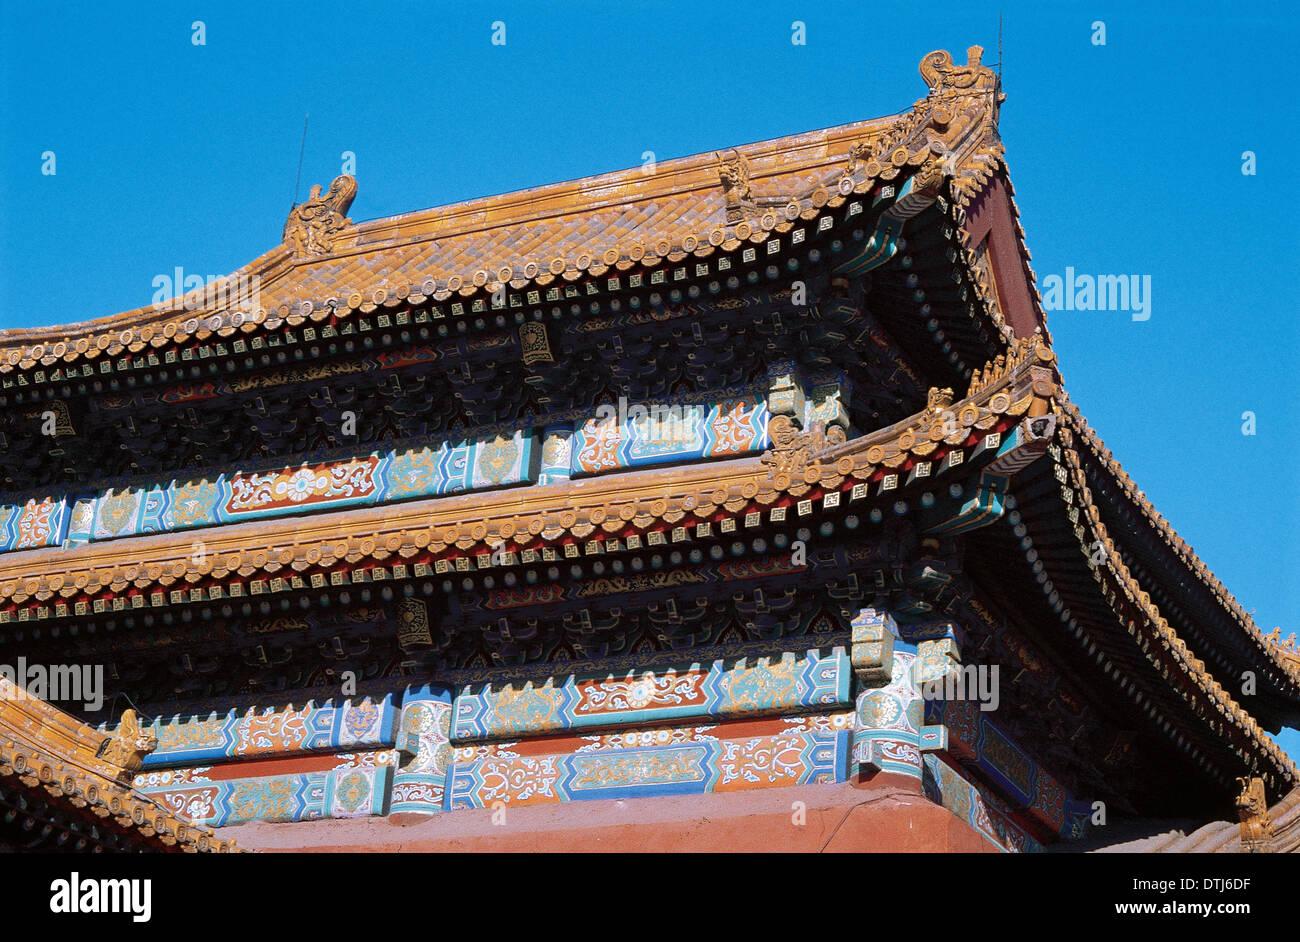 China. Beijing. Verbotene Stadt. Dach eines Gebäudes im Inneren. Stockfoto